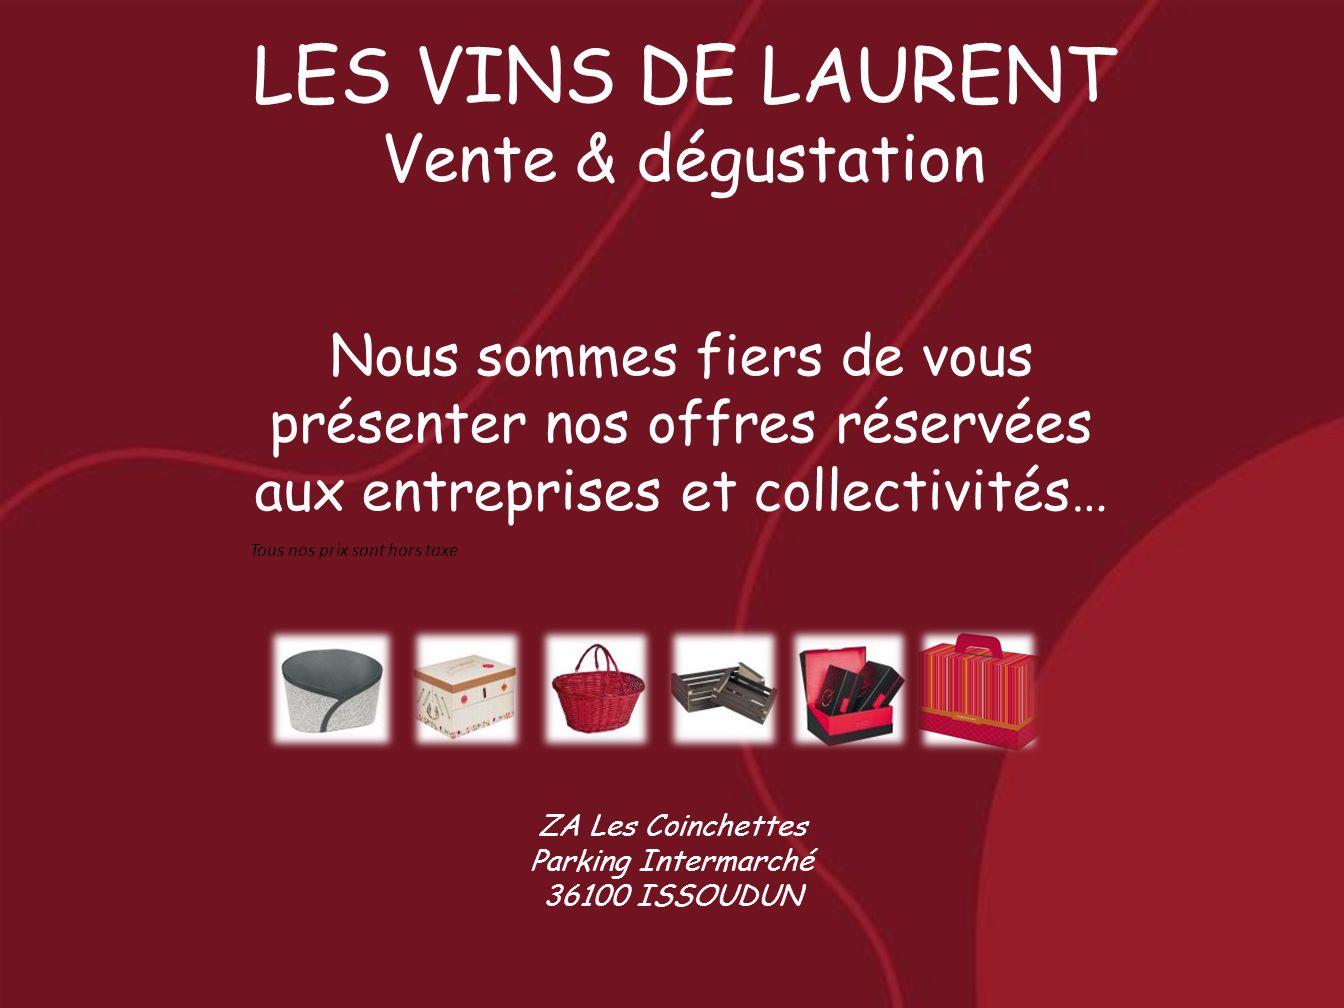 Coffret VIP Champagne + fois gras 190gr 54.06 Coffret pique nique Vin de Gascogne moelleux + sablé + terrine + graton de canard 23.53 Valisette saveur Gewurztraminer + Bière 75cl + pâté + grattons canard + vinaigre framboise + vinaigre de cidre -50 coffrets : 33.94 De 50 à 119 : 29.45 + 120 : 27.20 Coffret Gourmand ½ Chinon + ½ Côte de Bergerac moelleux + sablé + pâté + terrine - 50 coffrets : 28.07 De 50 à 119 : 24.35 + 120 : 22.49 Coffret Vouvray Seau rose et bulle + 1 Vouvray brut 18.42 Coffret terrine Bordeaux rouge + 5 assortiments de terrine - 50 coffrets : 21.65 De 50 à 119 : 18.79 + 120 : 17.35 Coffret 3 Reuilly Rouge, rosé, blanc 19.65 Les coffrets